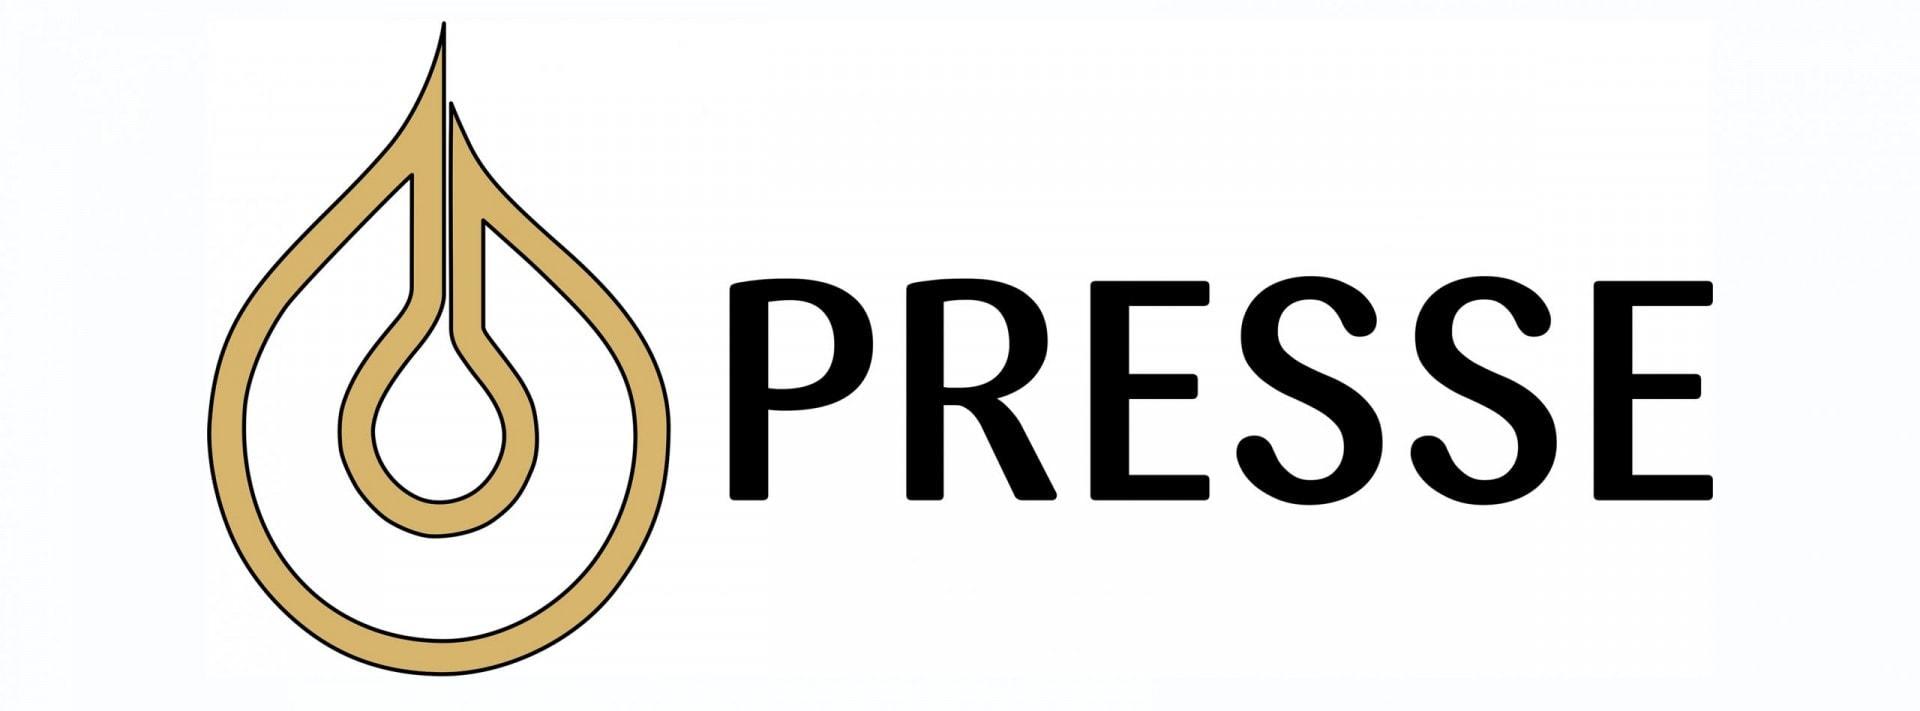 Öltropfen Presse scaled